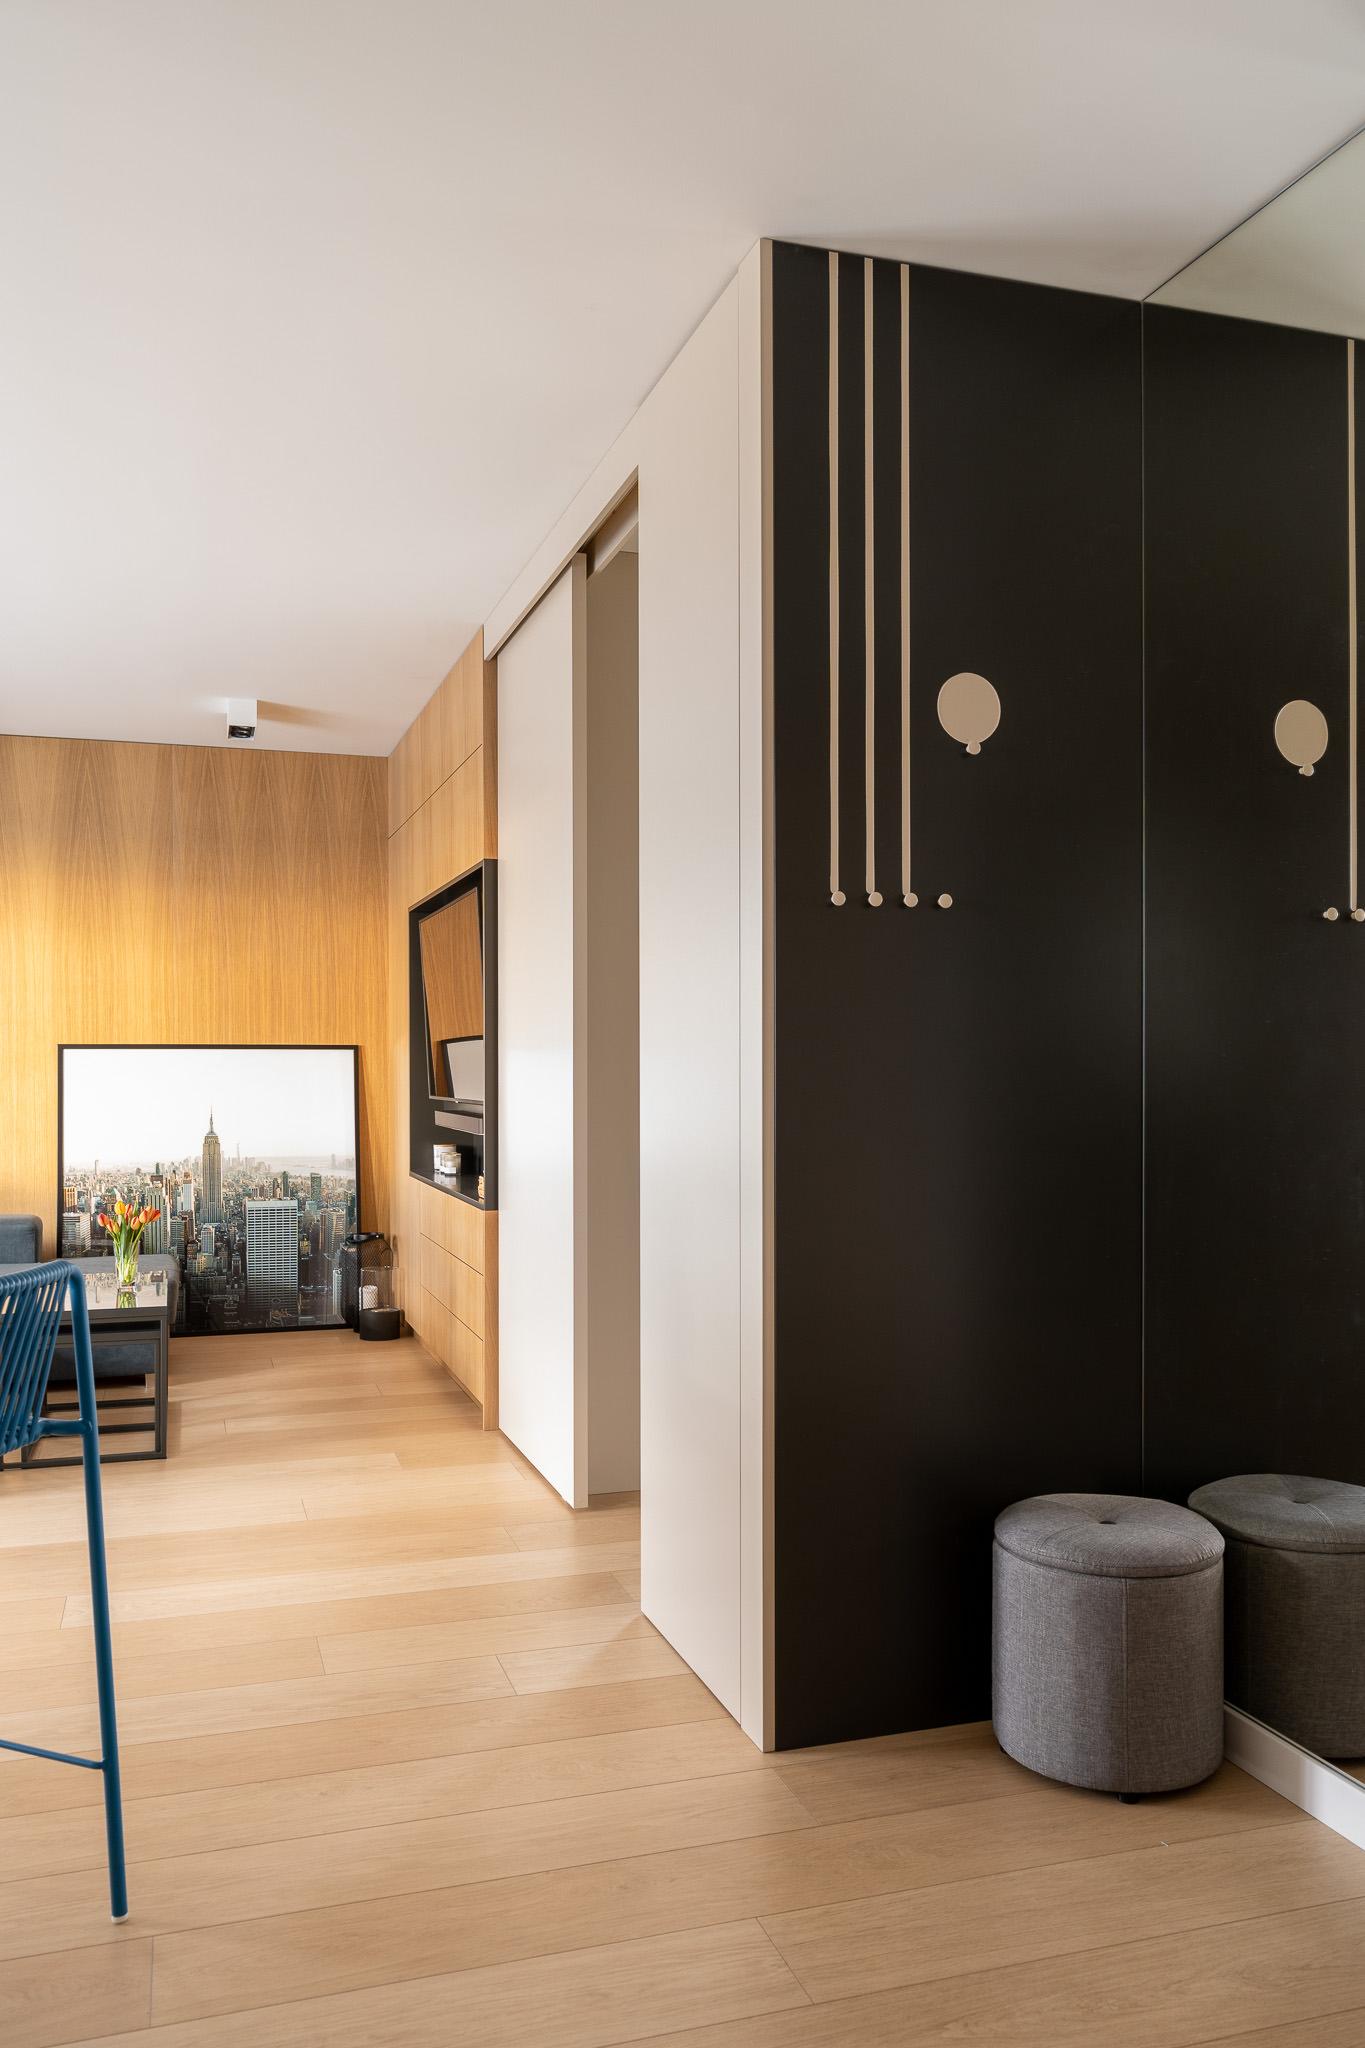 8 projketowanie wnetrz R105 mieszkanie Krakow strefa wejsciowa wieszaki na scianie lustro klejone do sciany szara pufa jasne panele